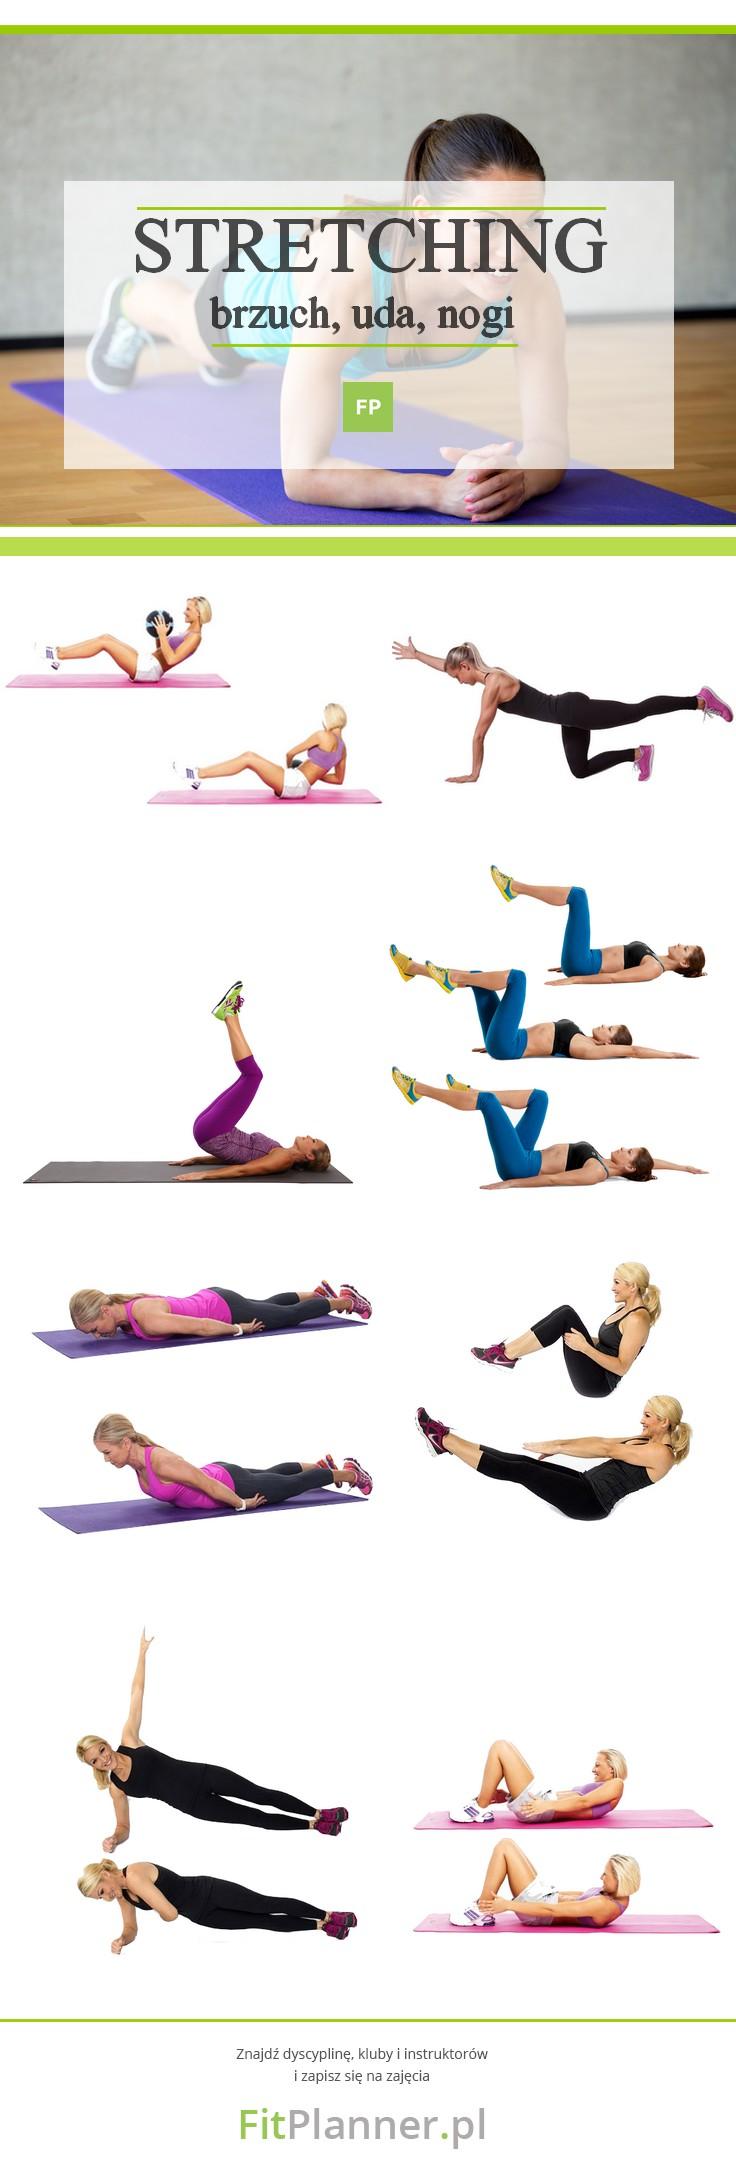 Stretching - ćwiczenia rozciągające na brzuch, uda, nogi i pośladki